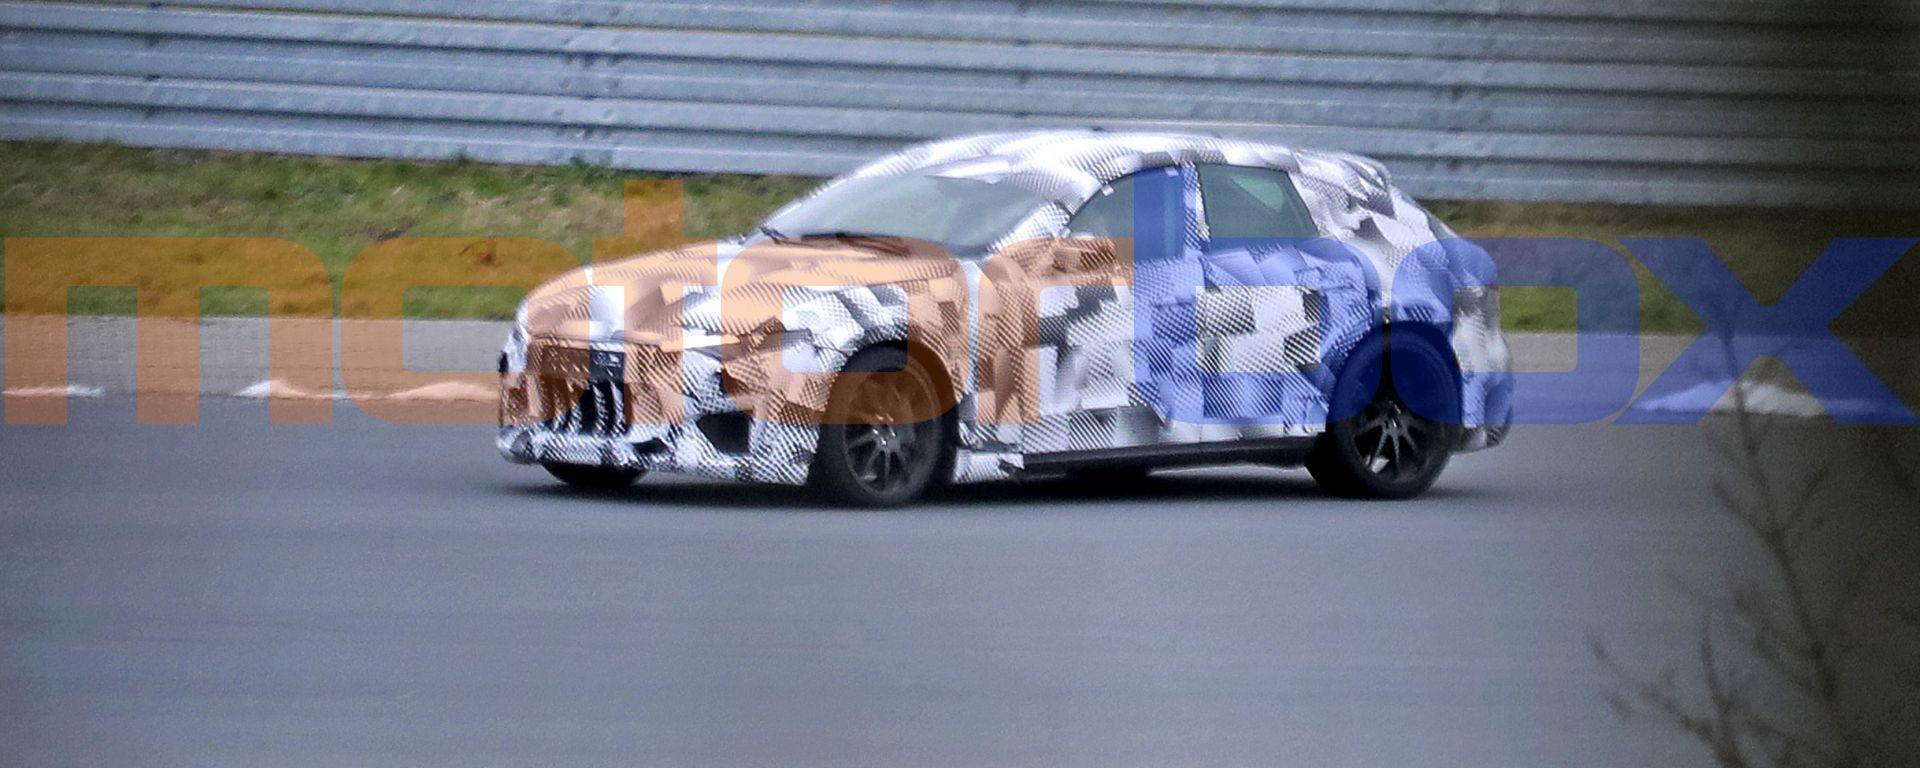 SUV Ferrari Purosangue: dopo il V12 arriverà un V8 ibrido